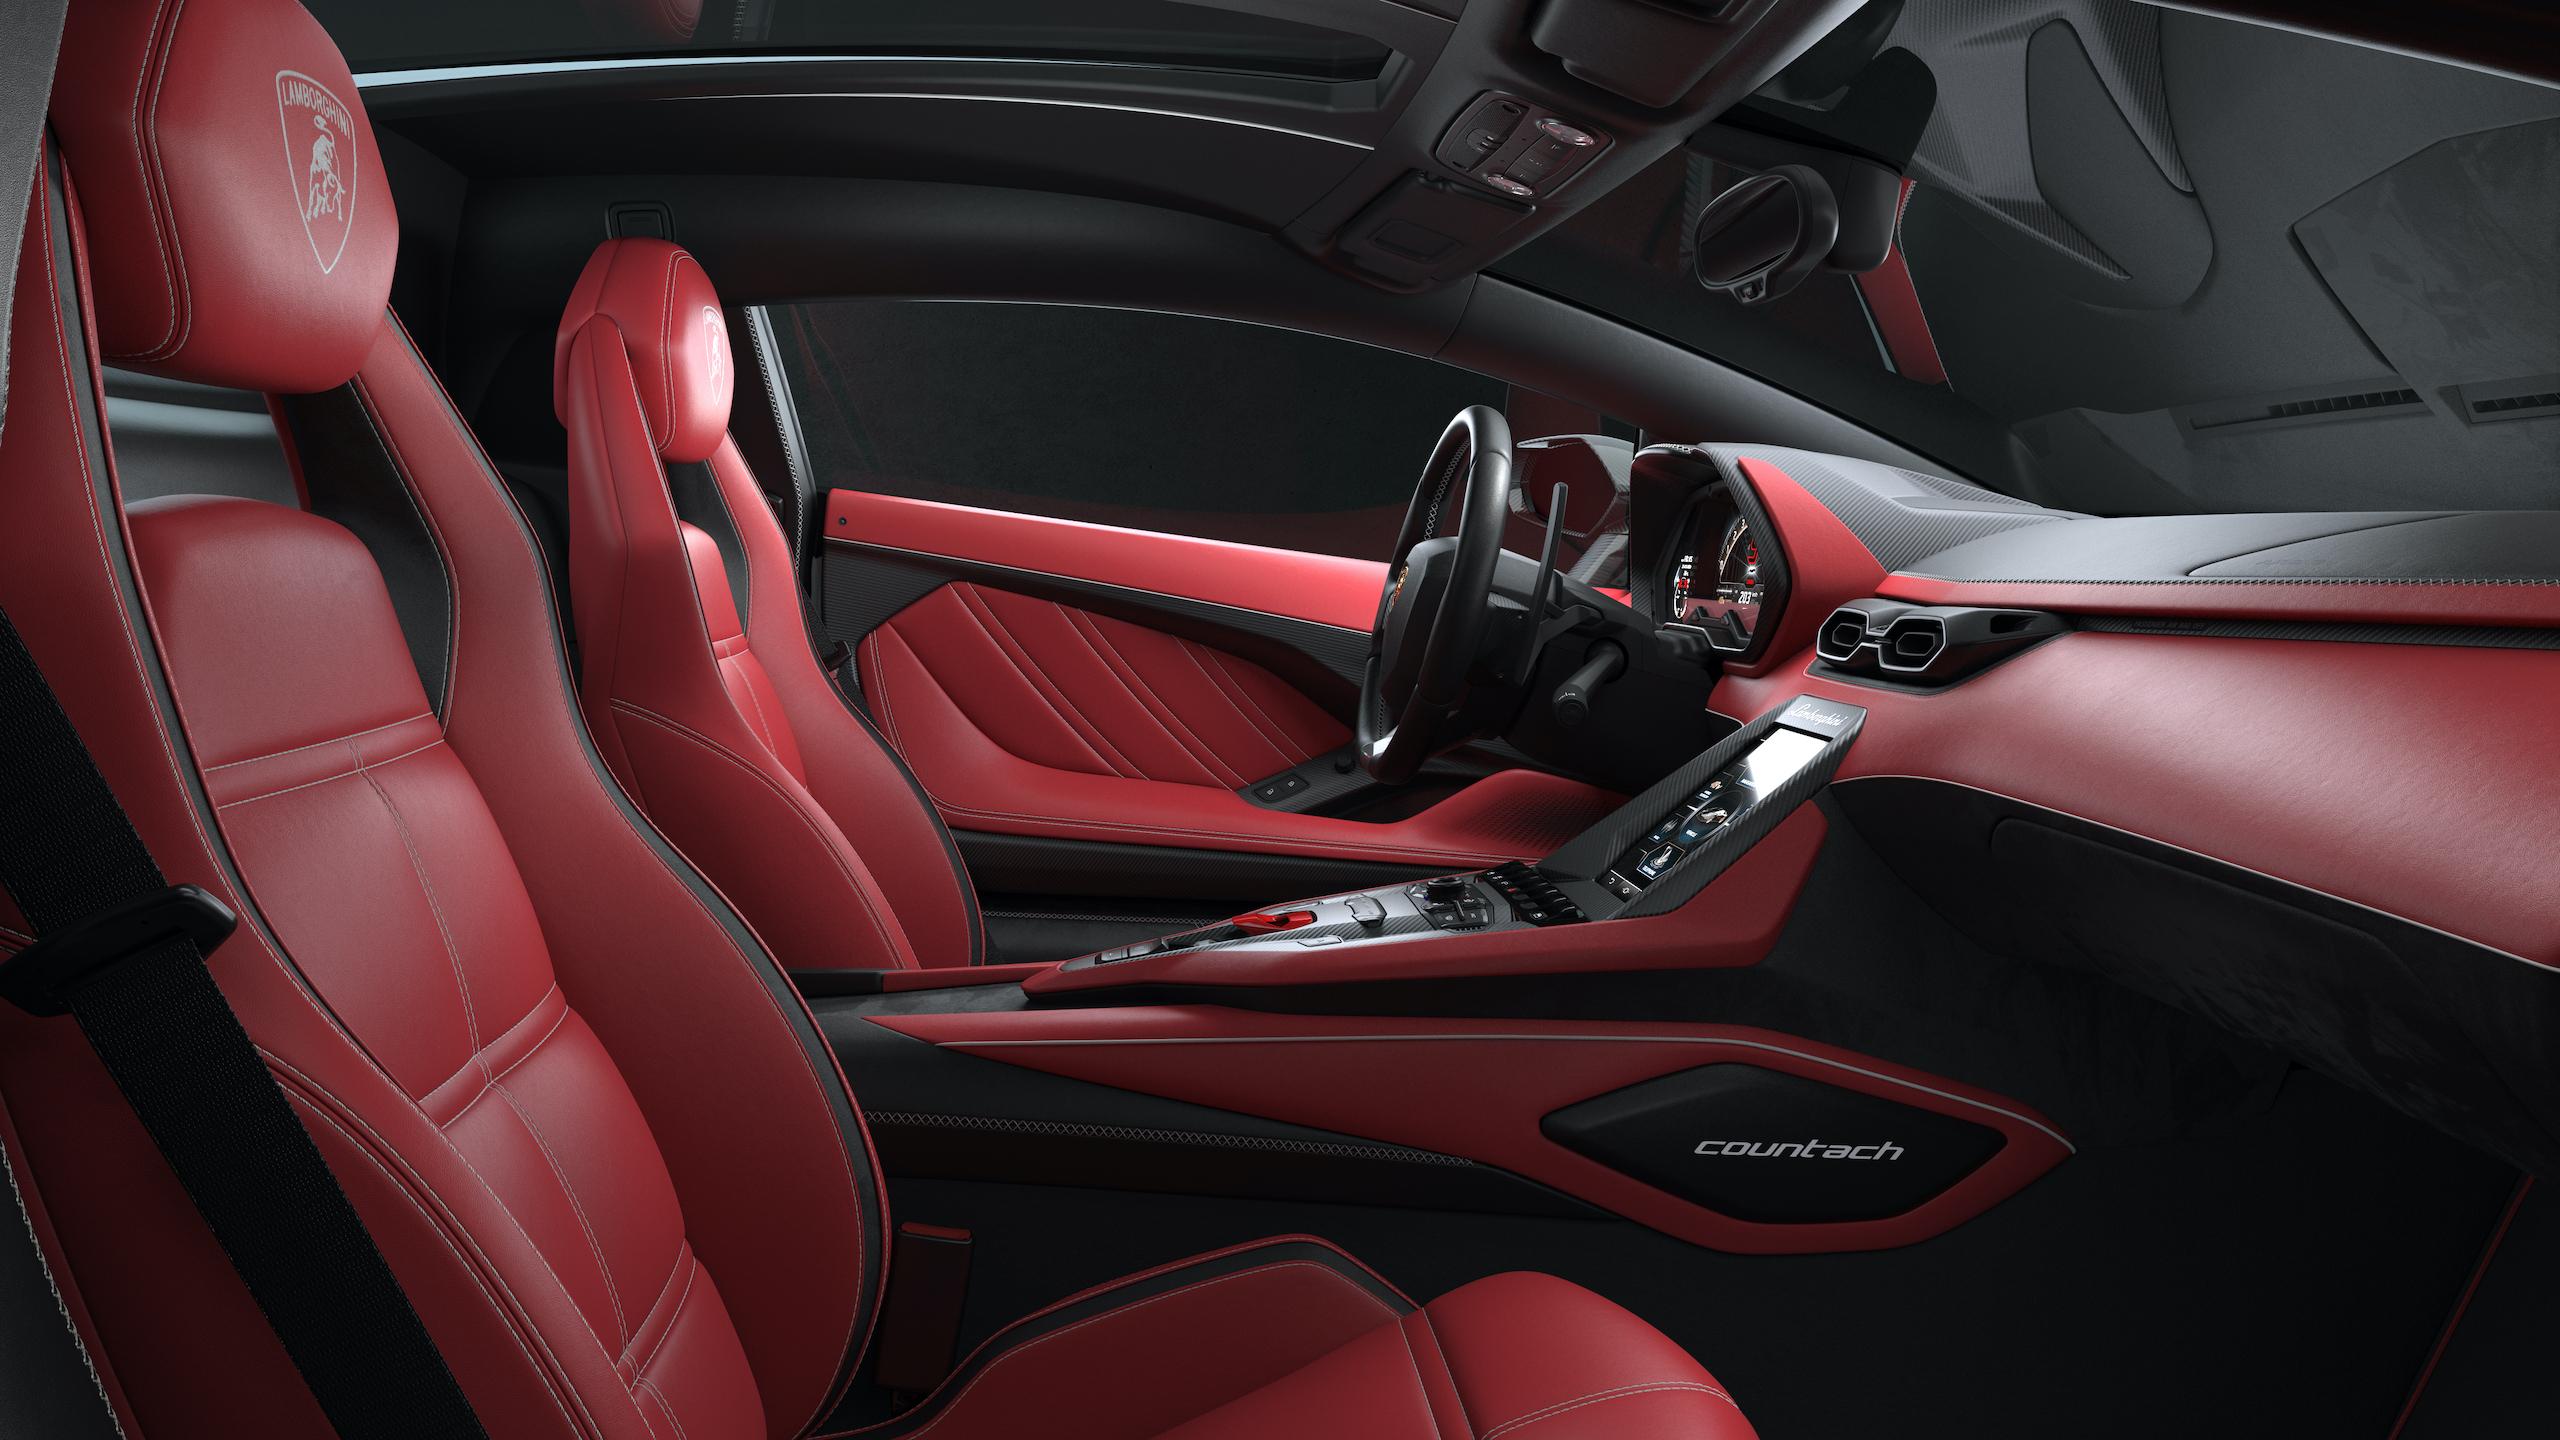 Countach LPI 800 interior side